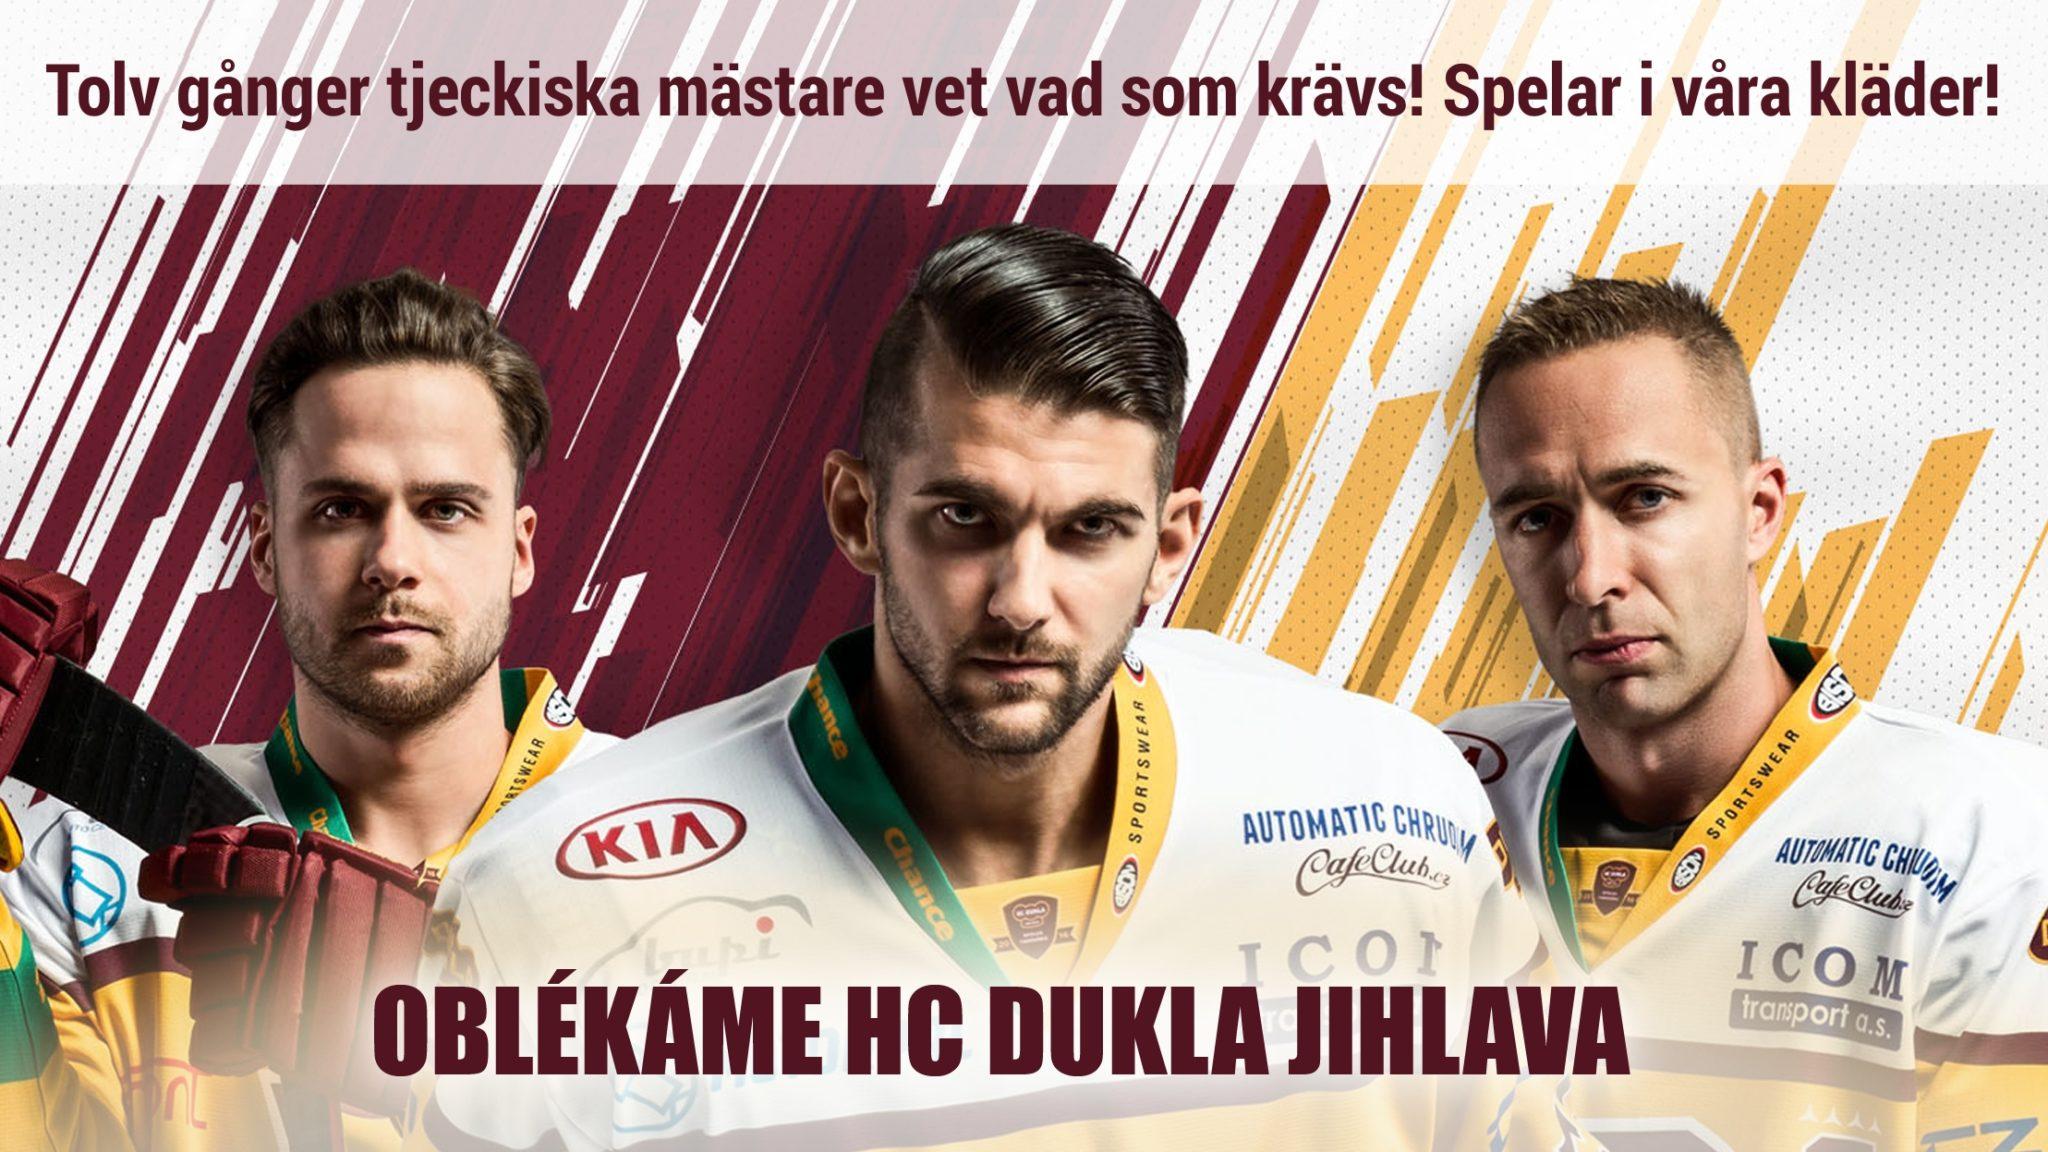 dukla-jihlava-klubbsport